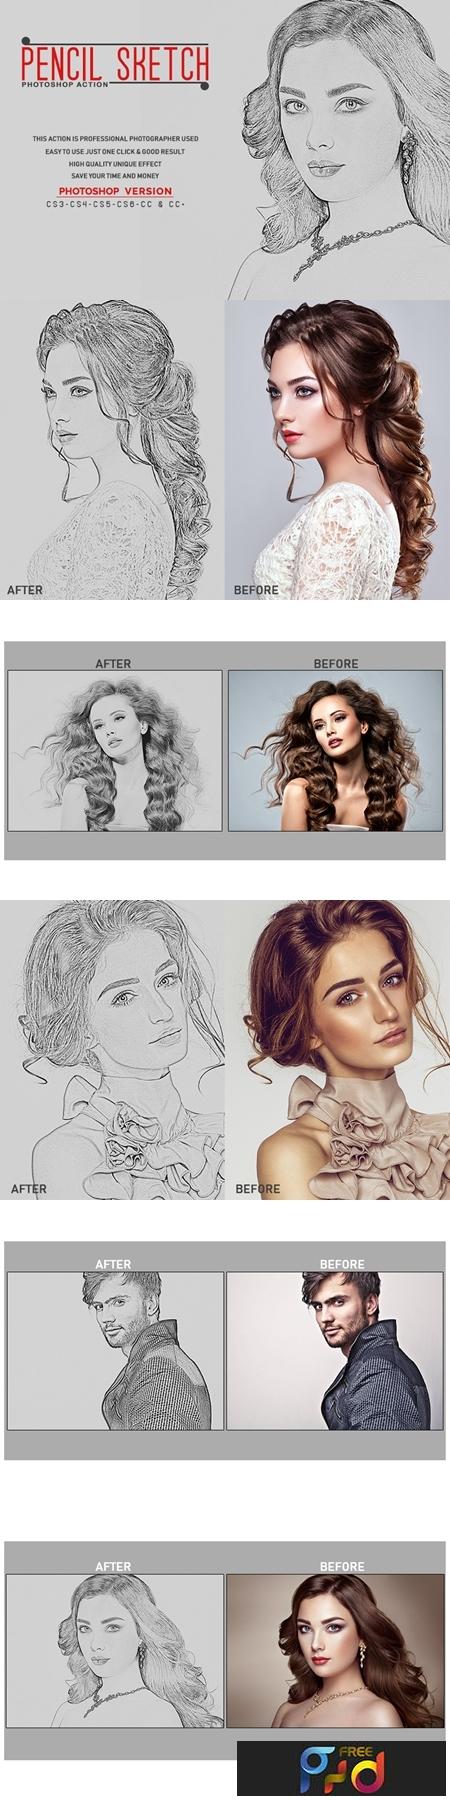 Pencil sketch photoshop action 3535364 1